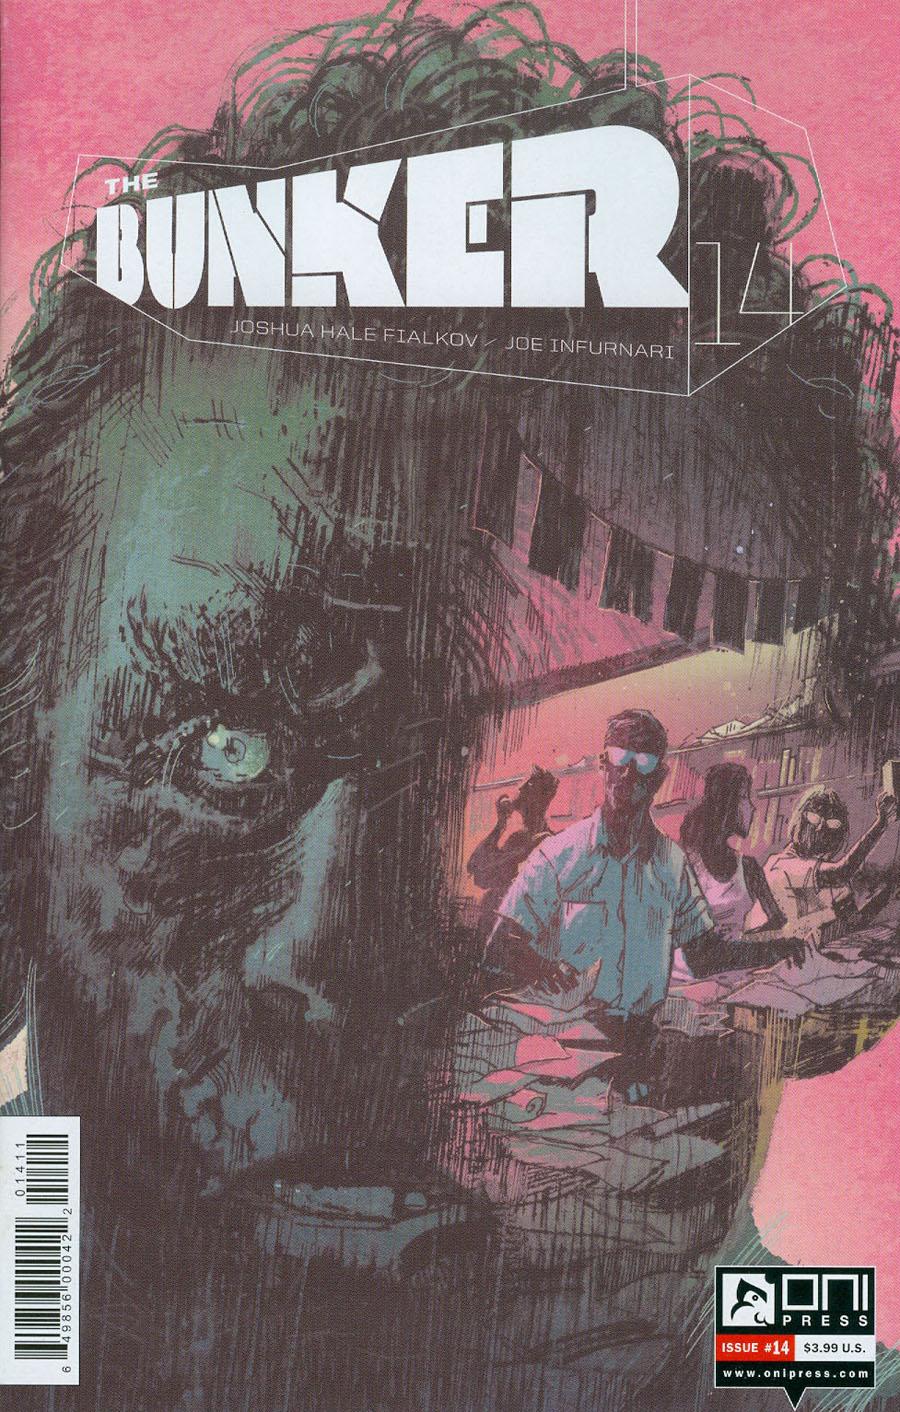 Bunker #14